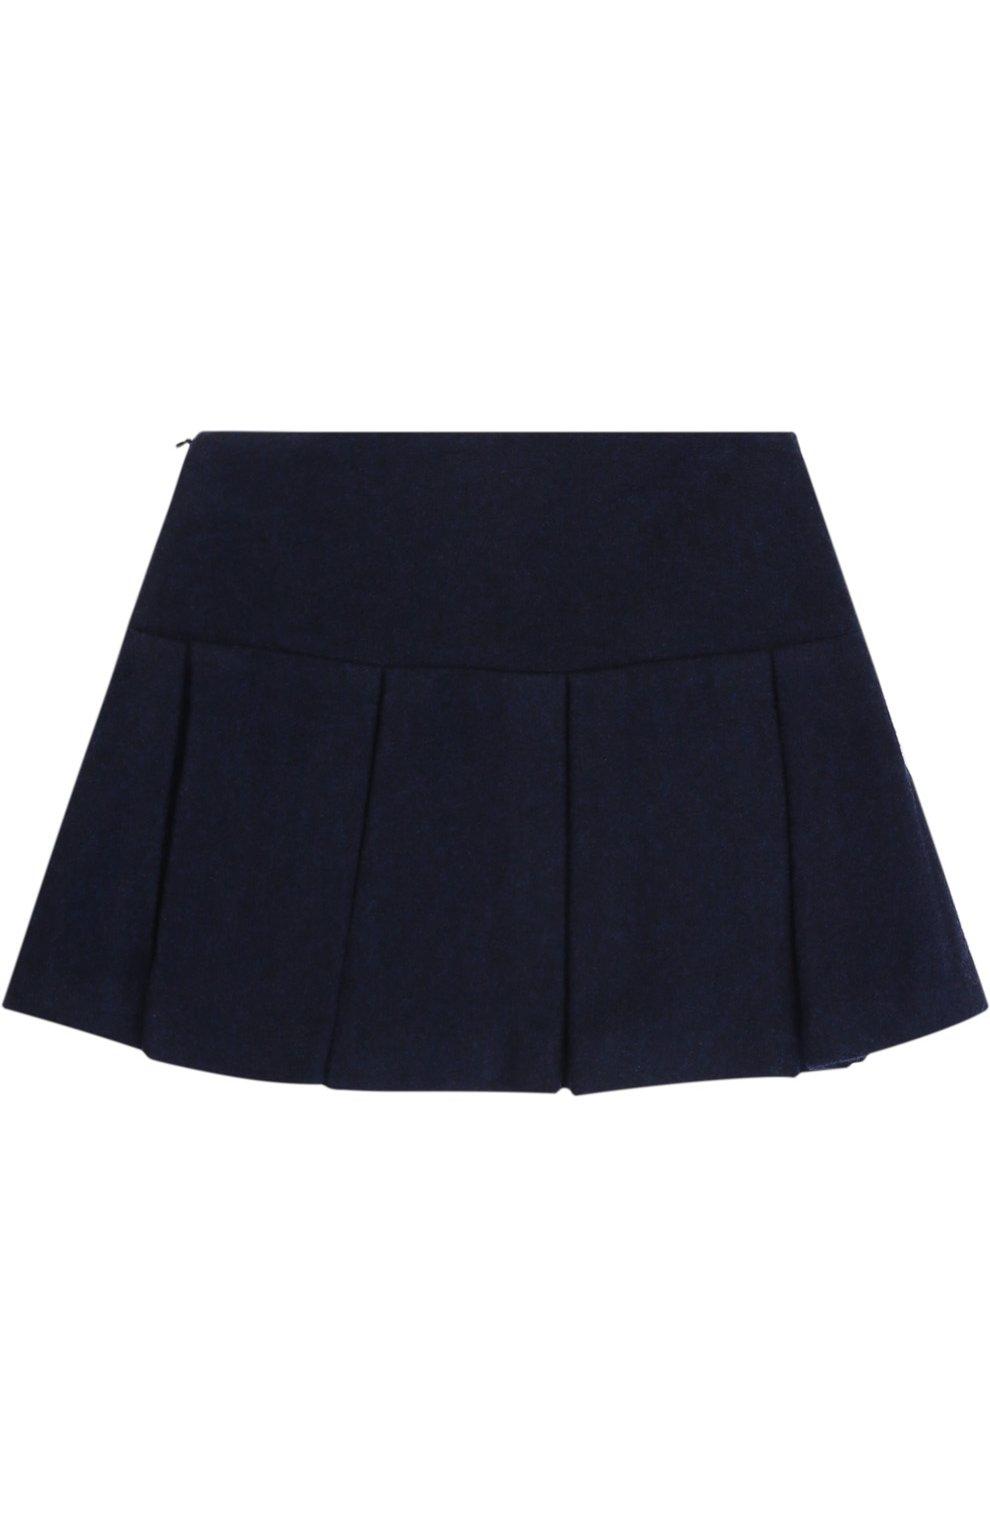 Шерстяная мини-юбка со складками и контрастной отделкой | Фото №2